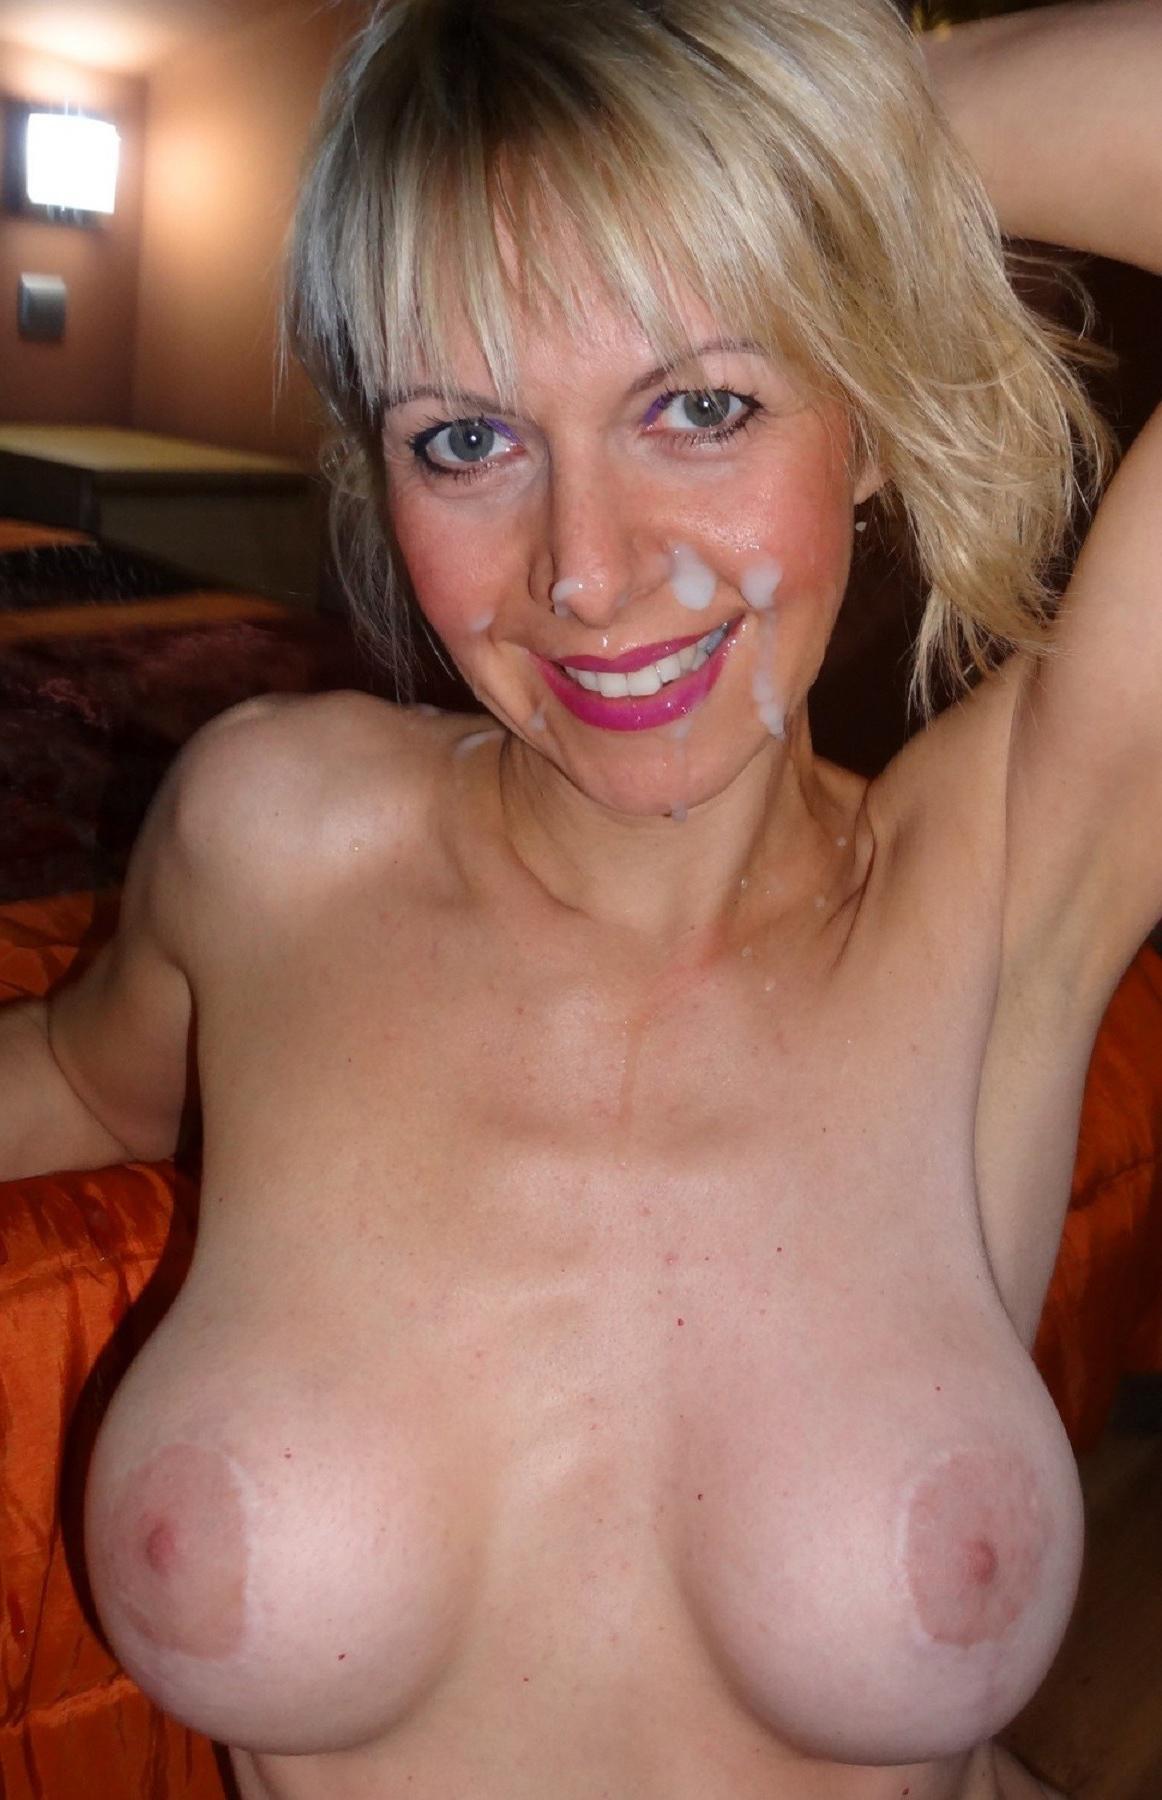 hot horny milfs nackt sex bilder